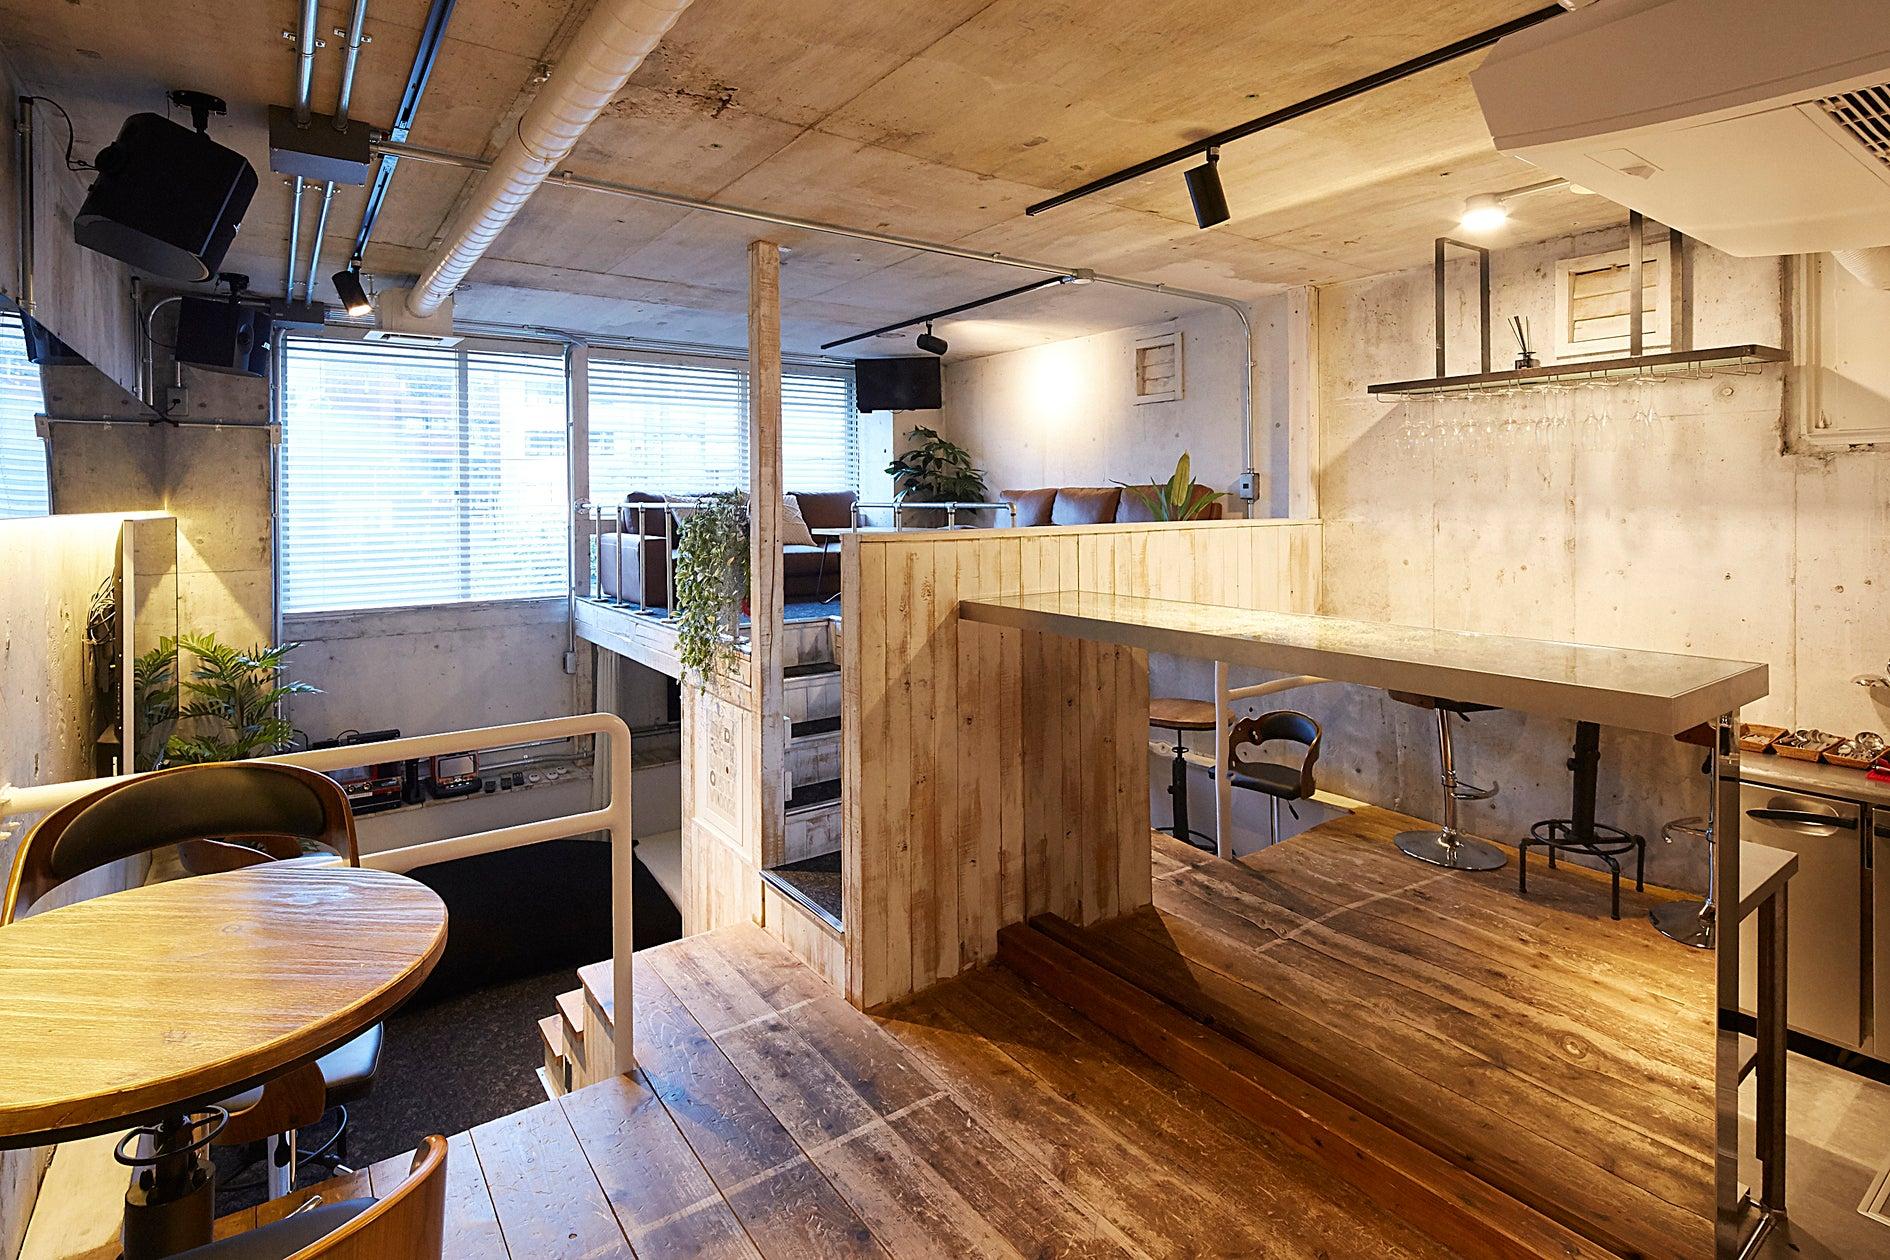 【六本木駅徒歩3分】Lounge-R ANNEX【キッチン付き隠れ家スペース】